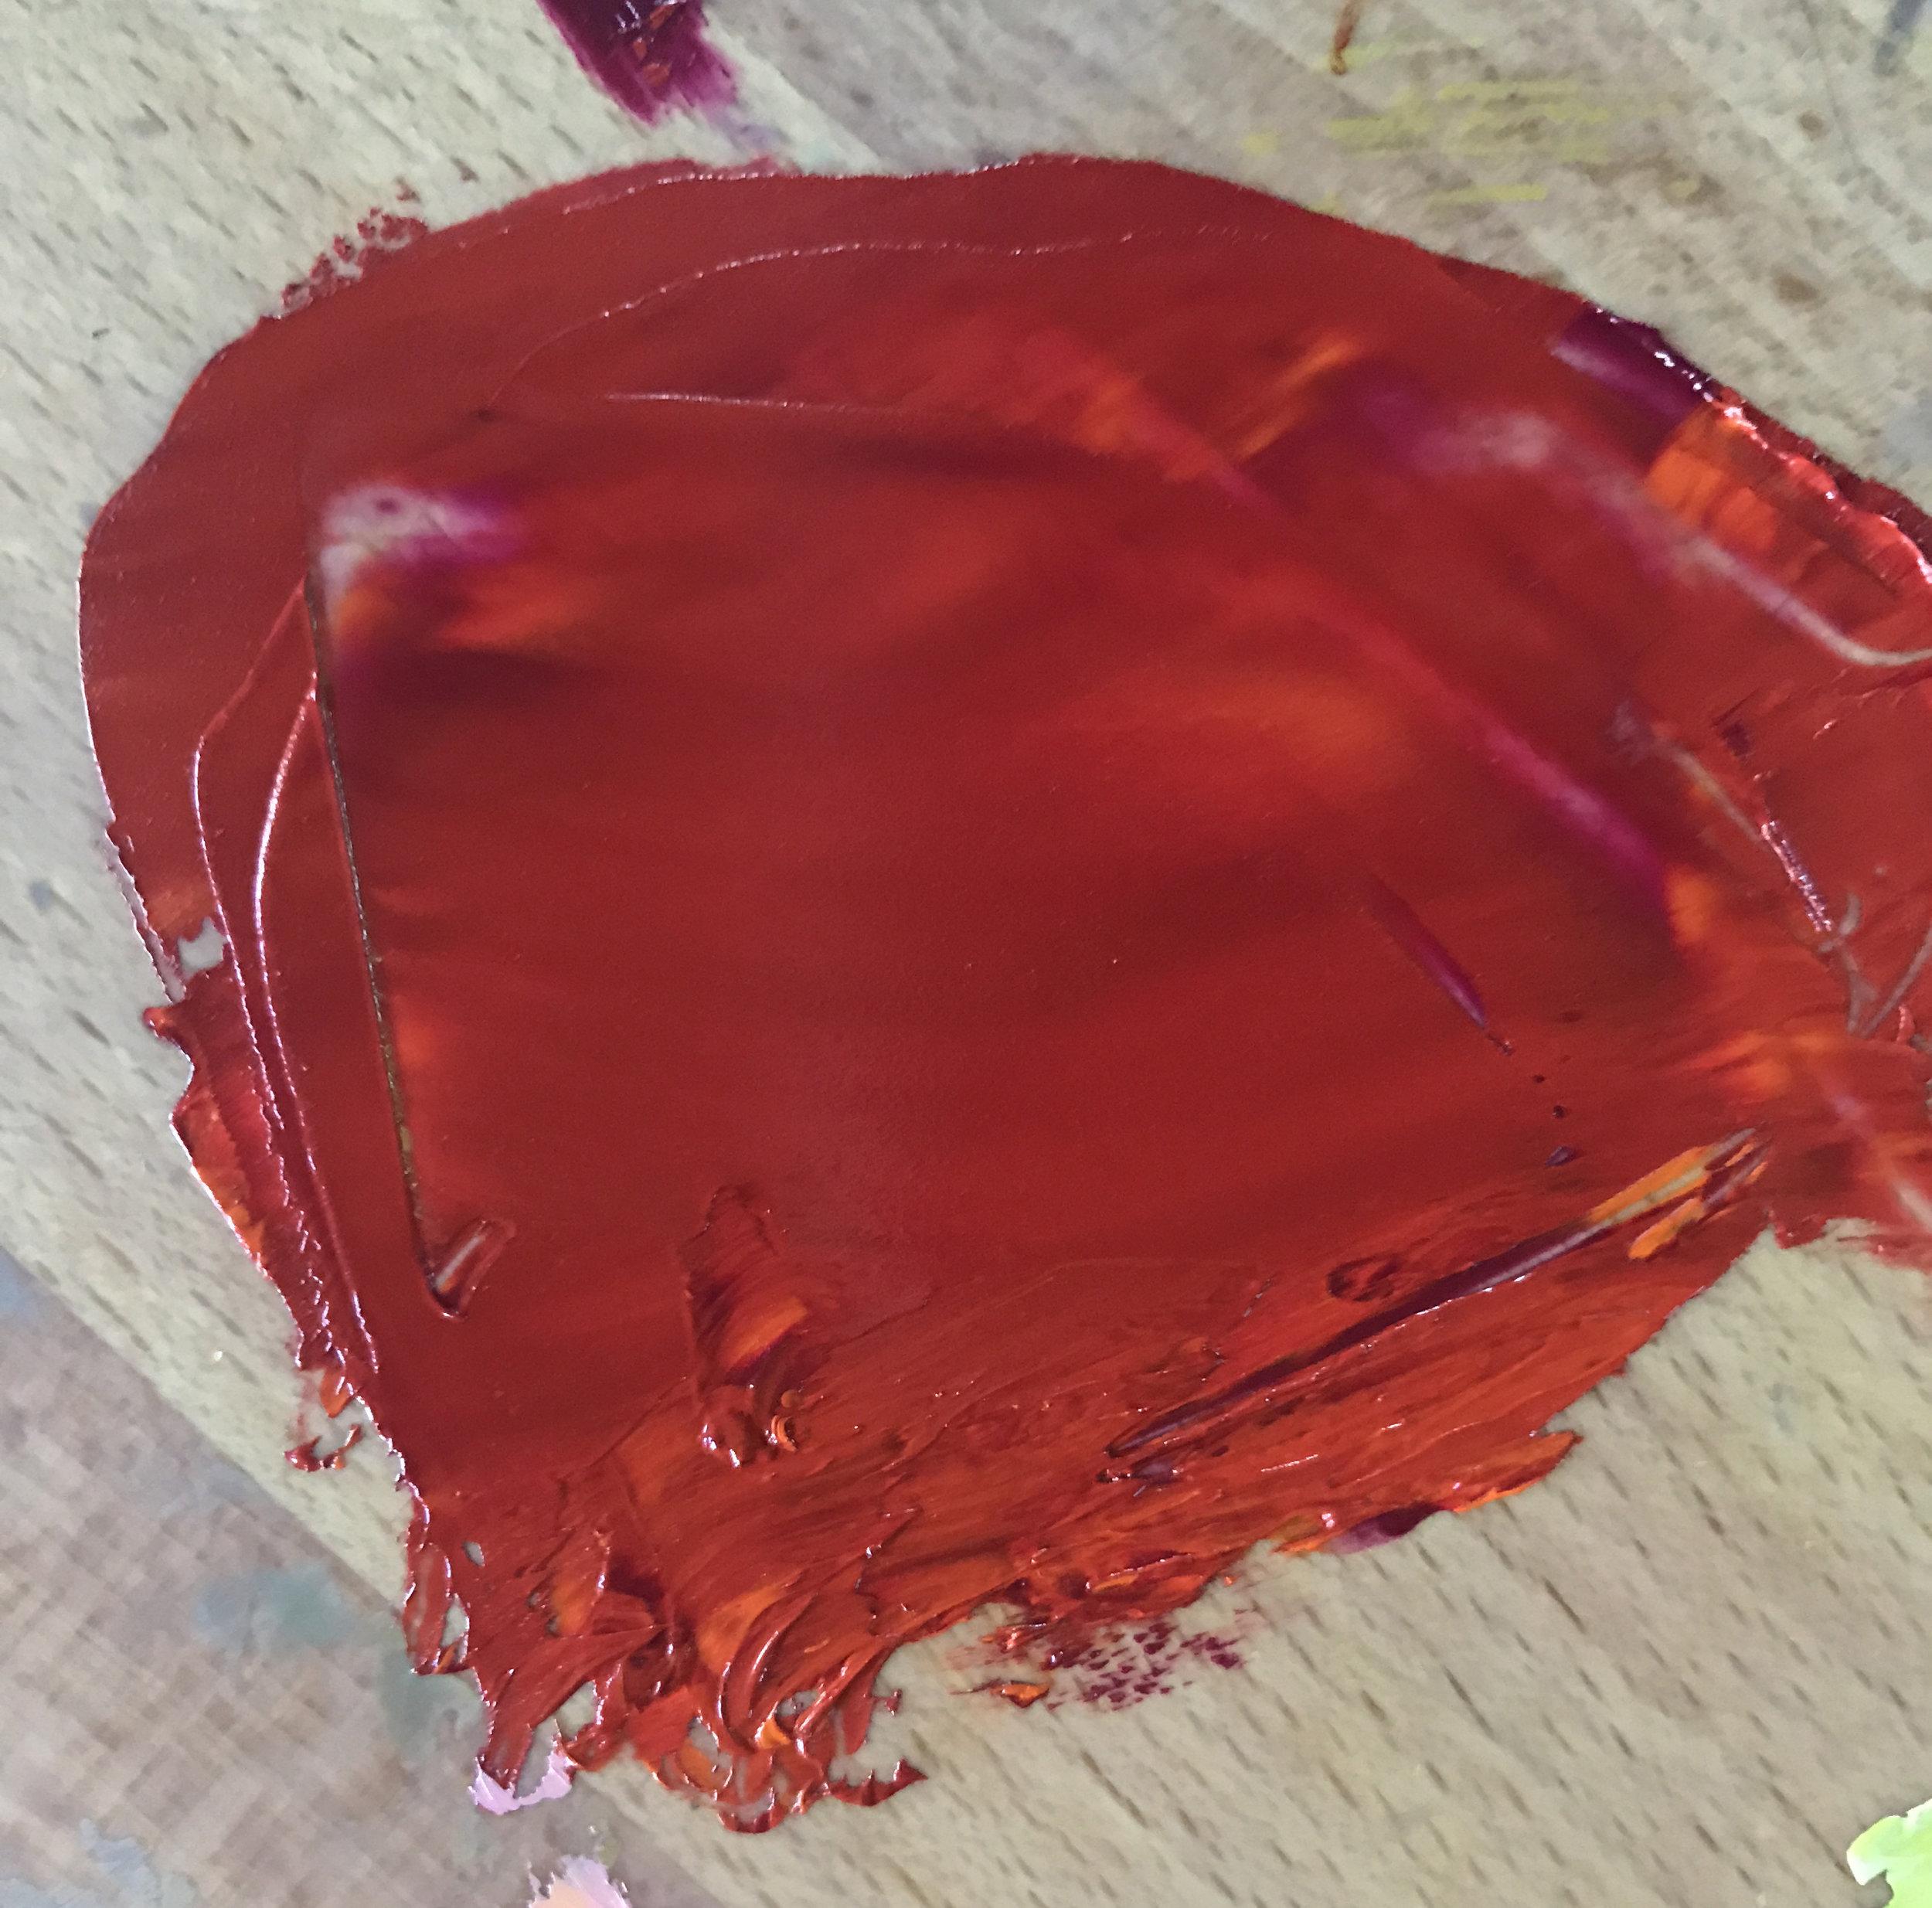 Quinacridone Magenta and Cadmium Orange (red)